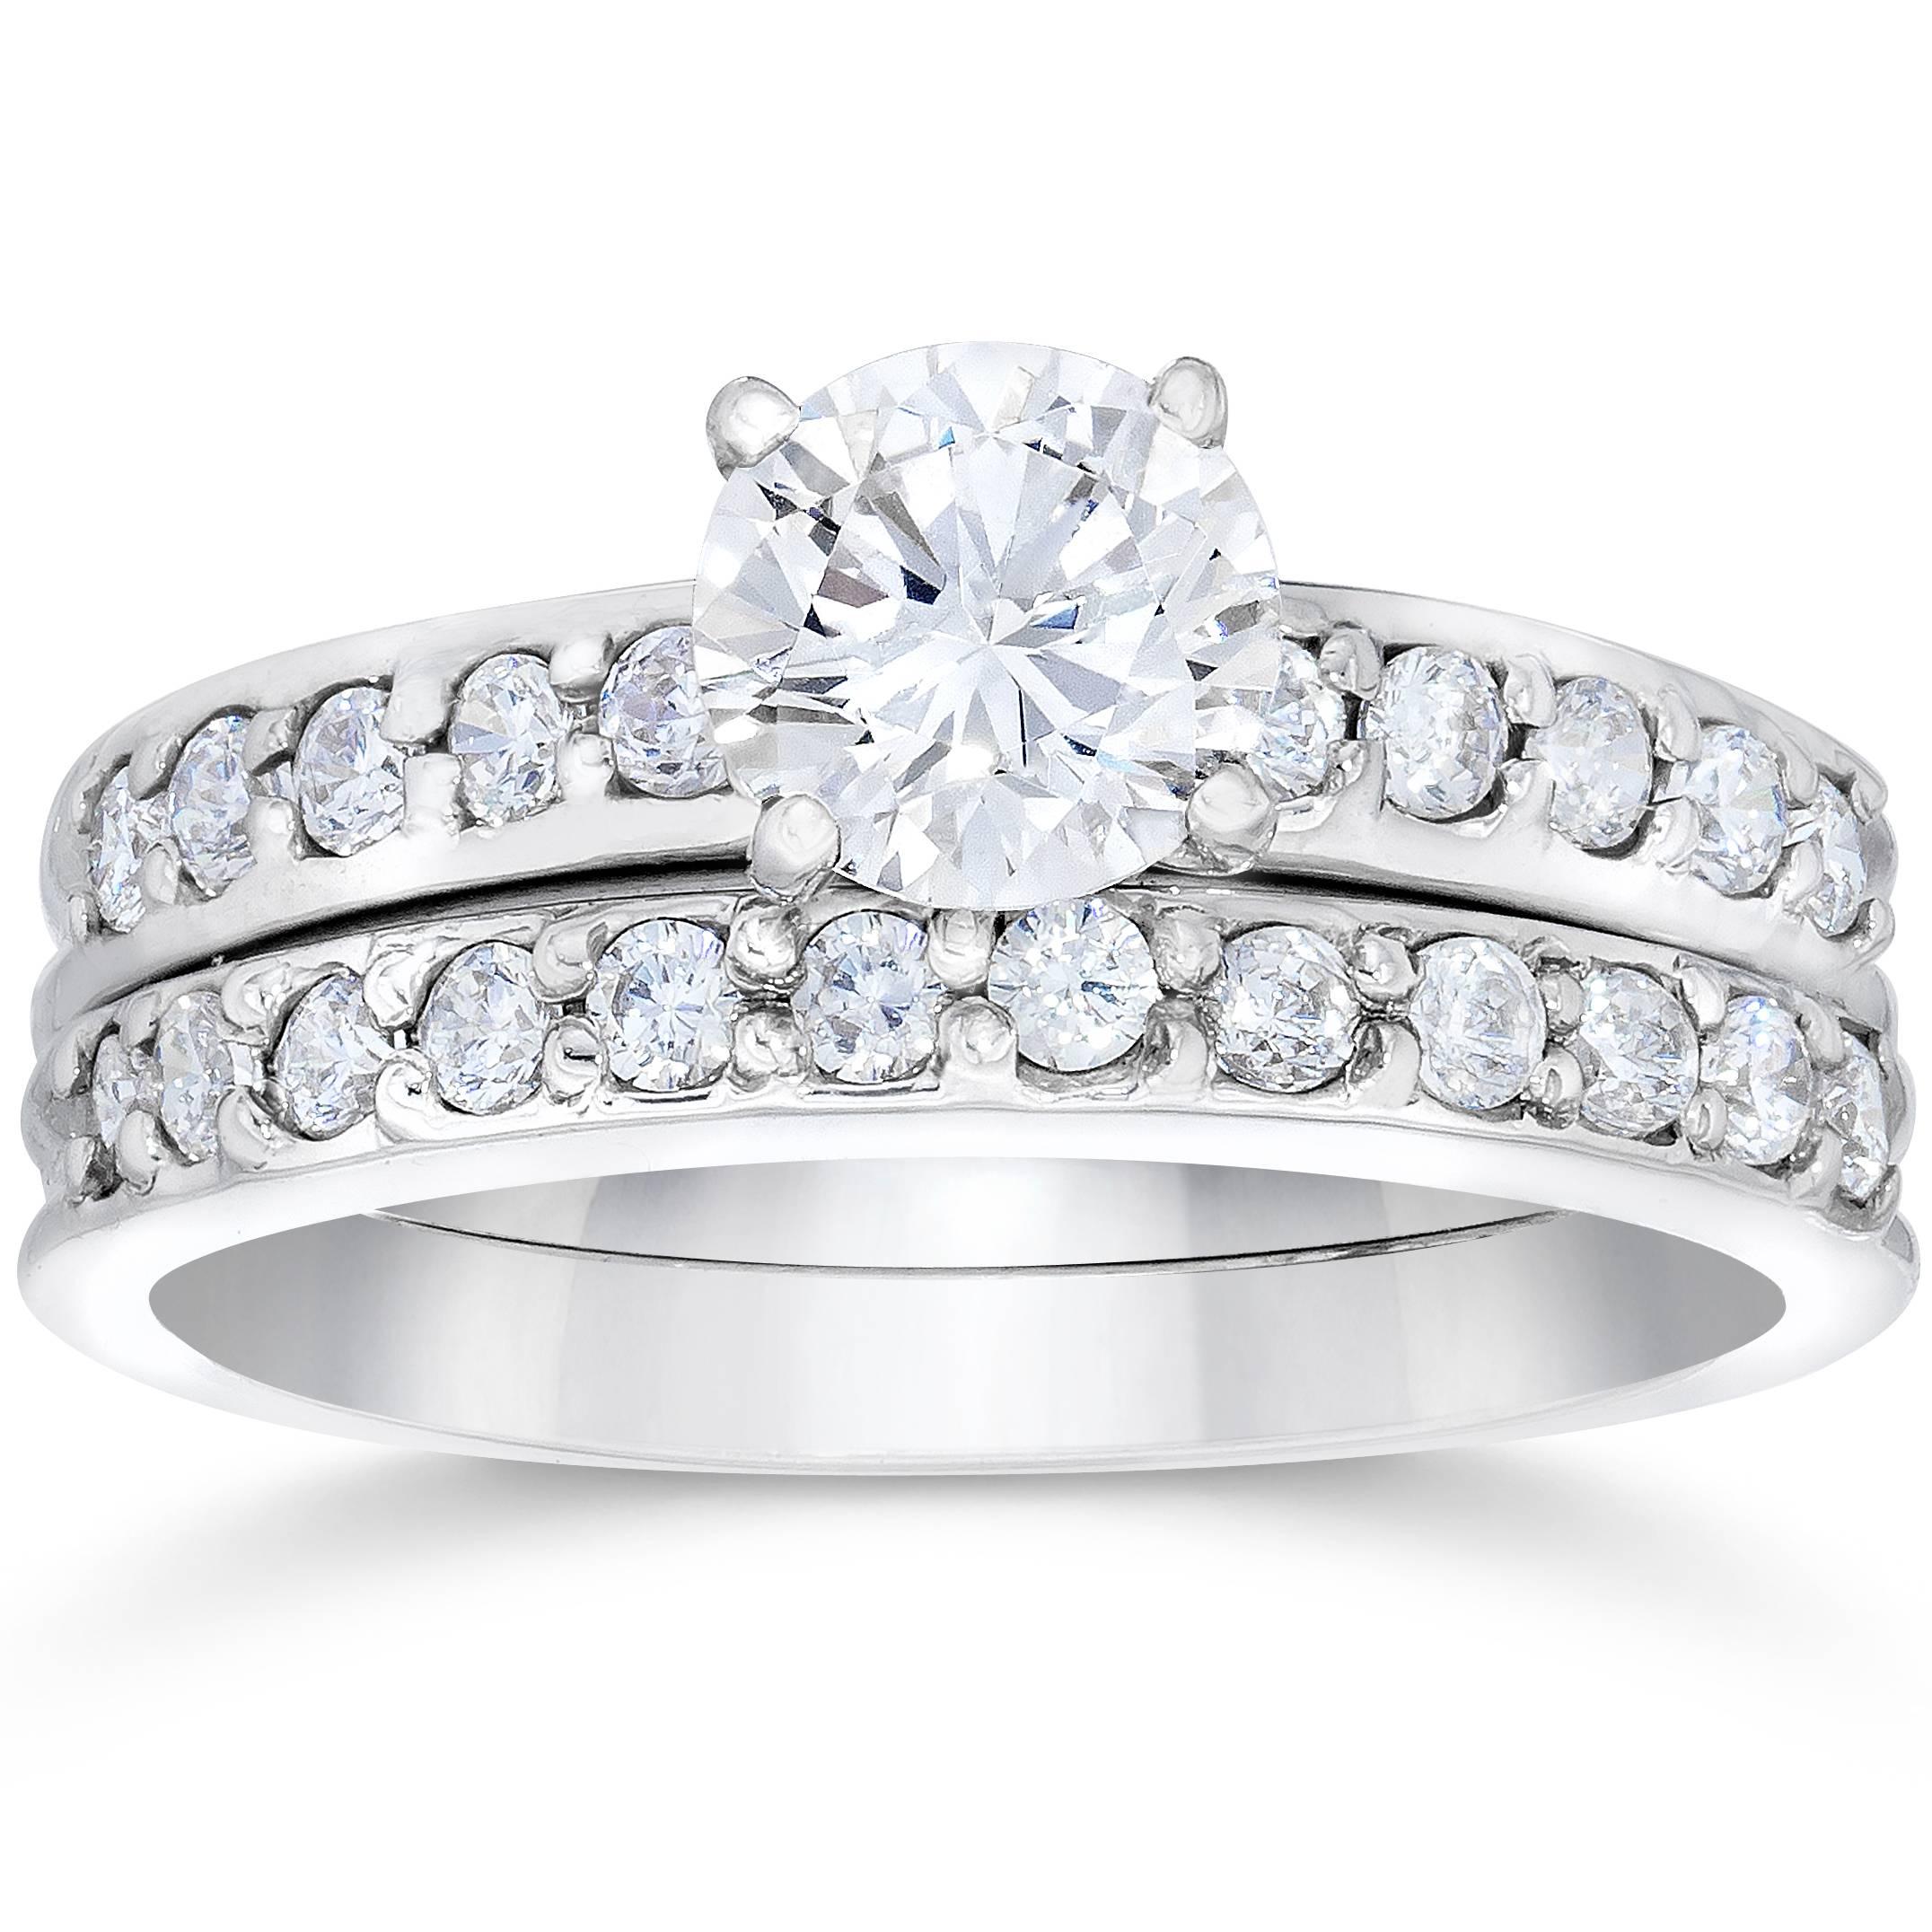 1 carat genuine diamond engagement matching wedding ring for Matching white gold wedding rings